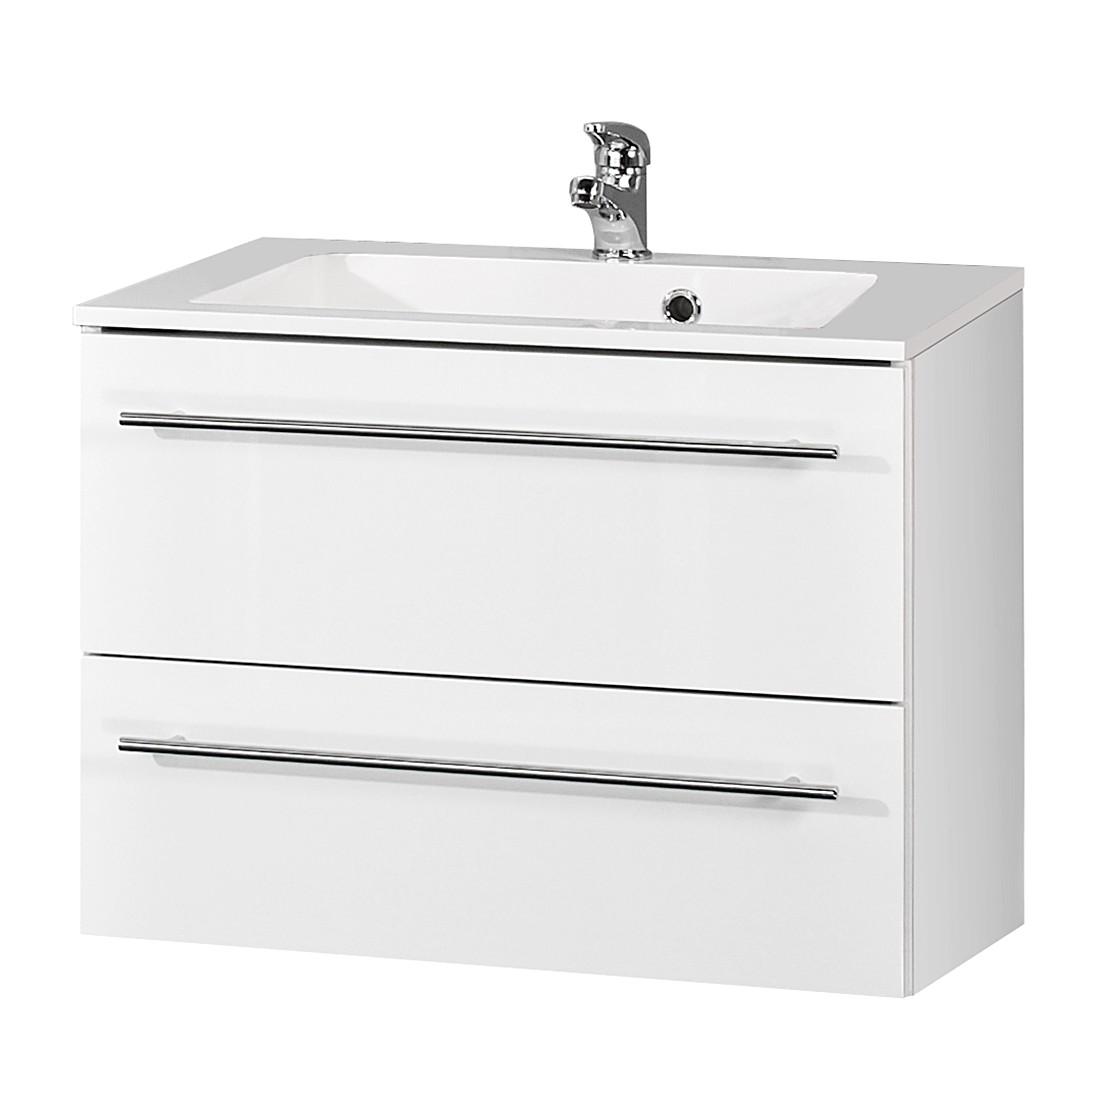 Waschtisch Bern I – Weiß, Giessbach jetzt kaufen